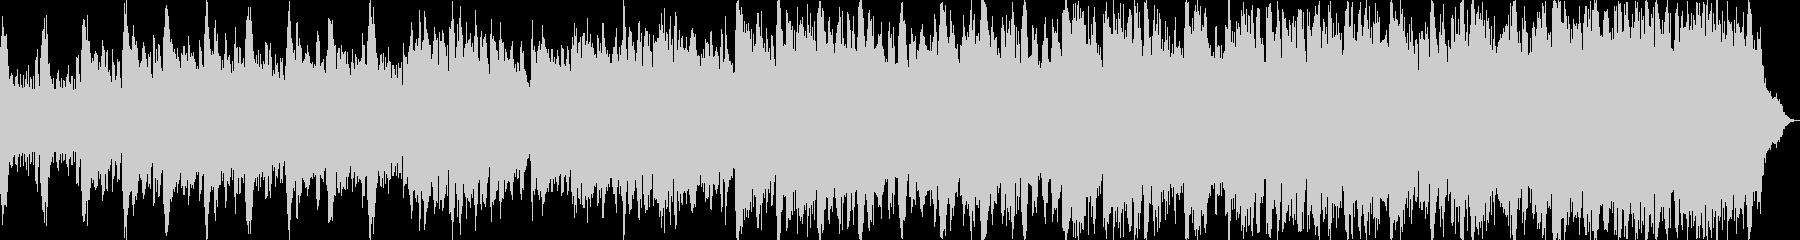 ストリングスで哀愁のあるキラキラメロディの未再生の波形